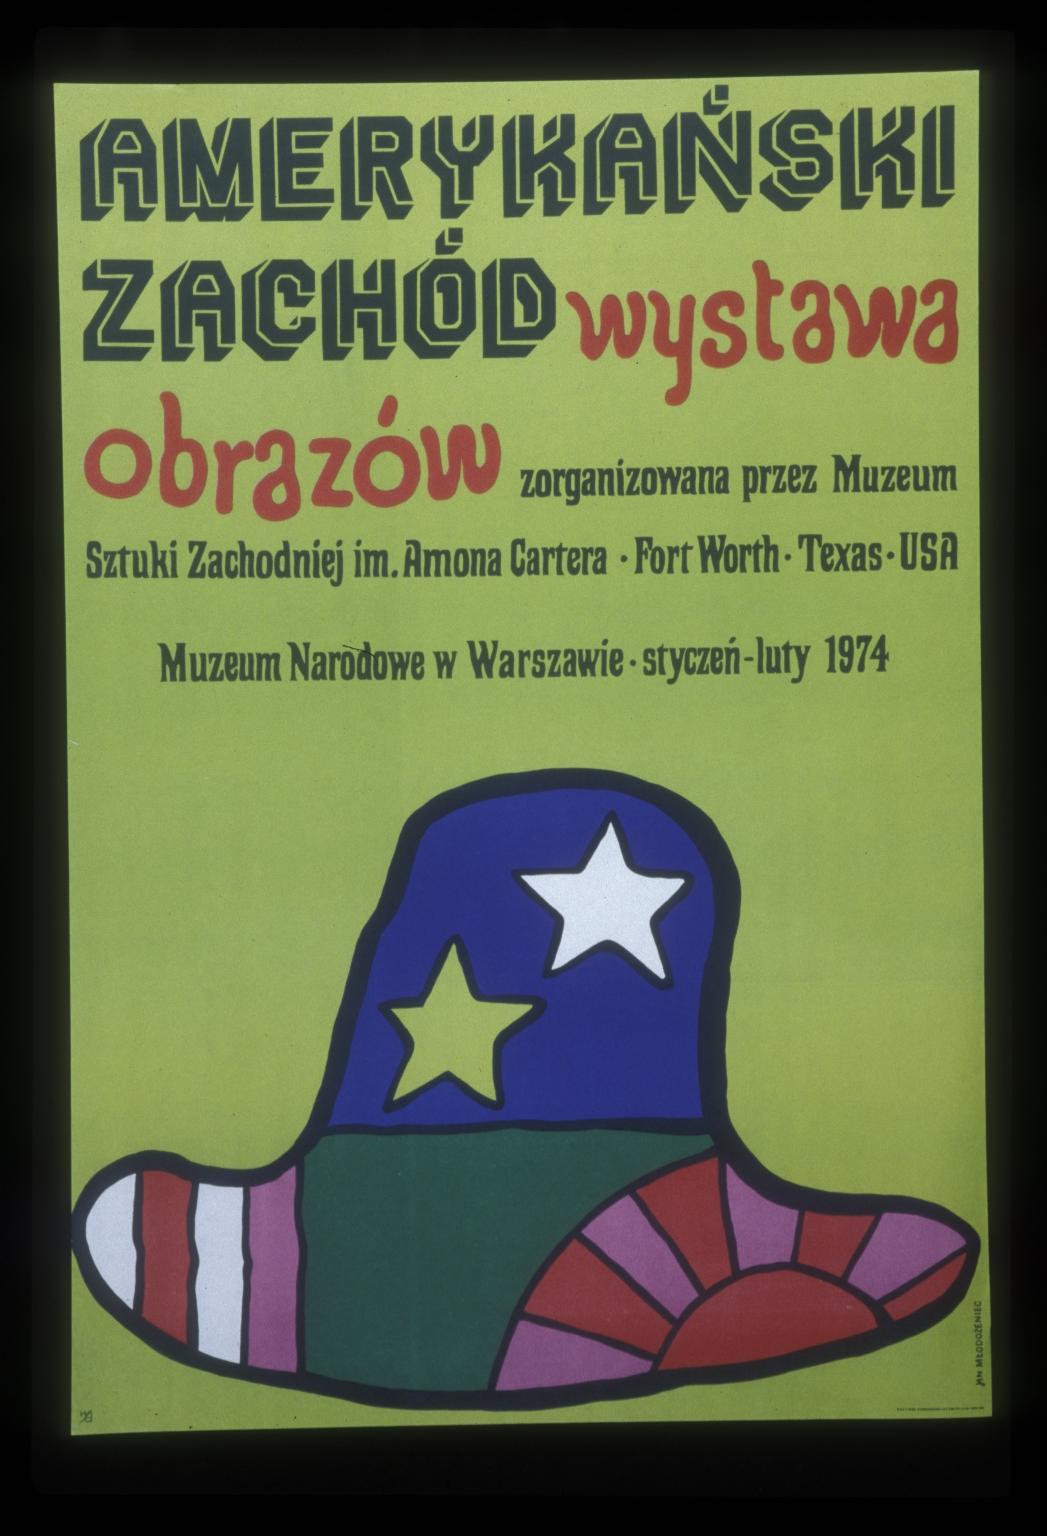 Amerykanski zachod, wystawa obrazow: z organizowana przez Muzeum Sztuki Zachodniej im Amona Cartera, Fort Worth, Texas, USA : Muzeum Narodowe w Warszawie, styczen-luty 1974